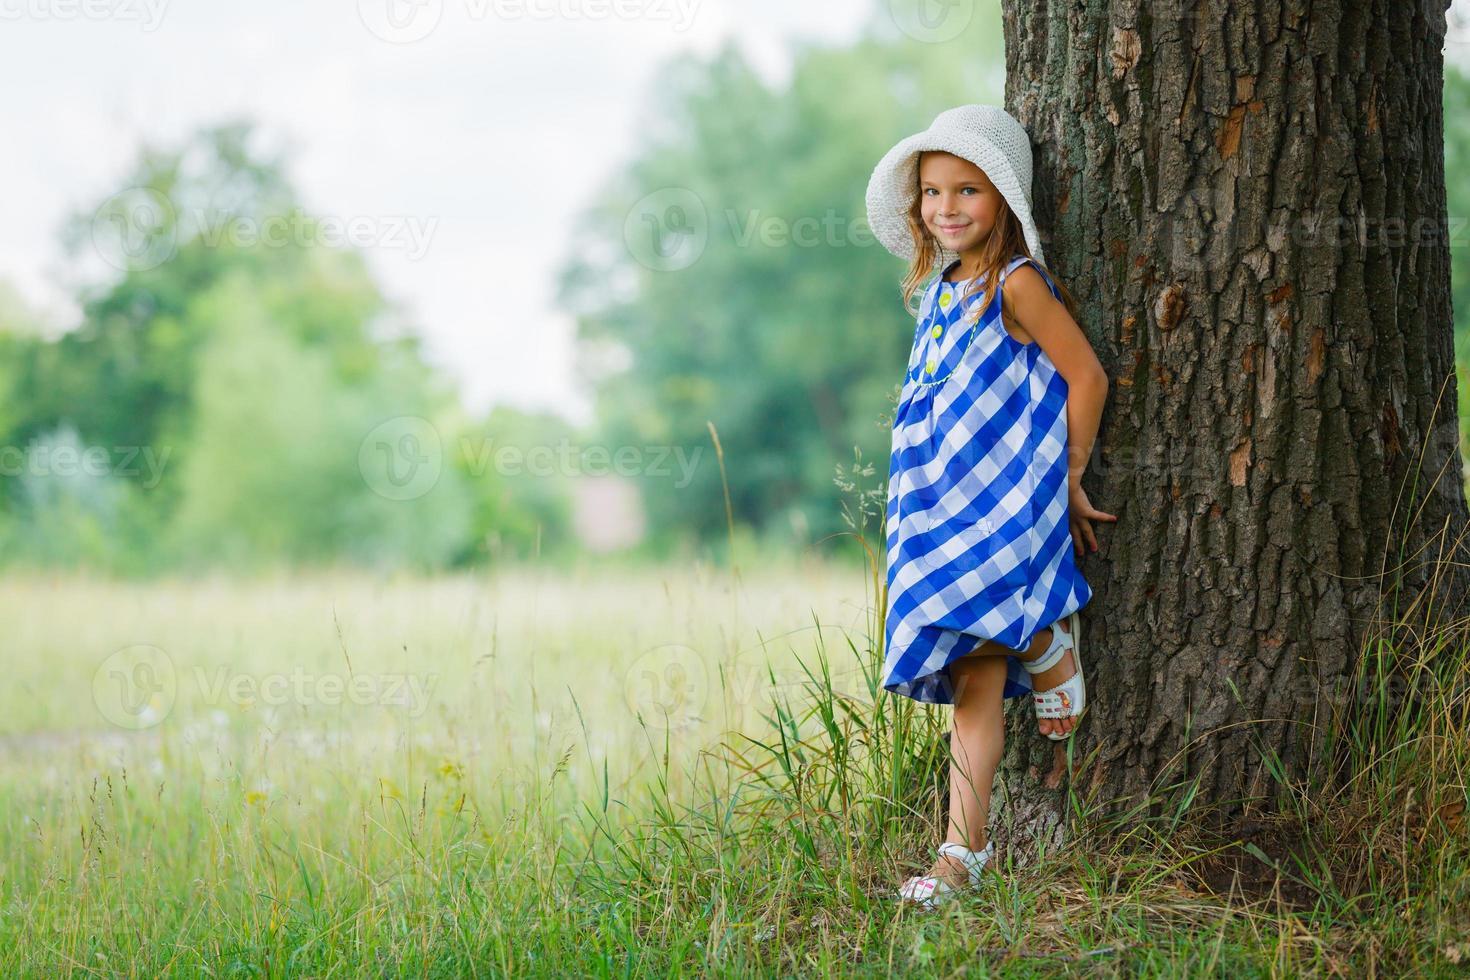 chica en el parque foto